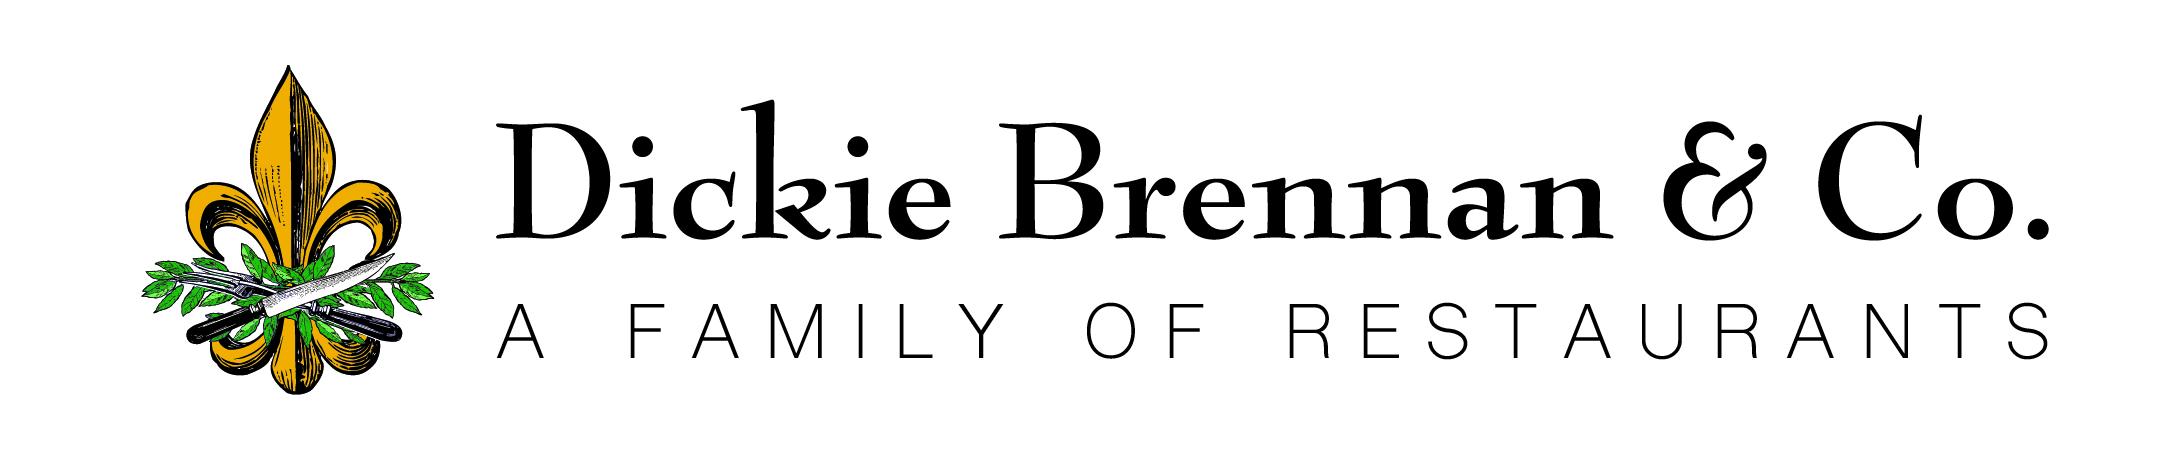 Dickie Brennan & Co